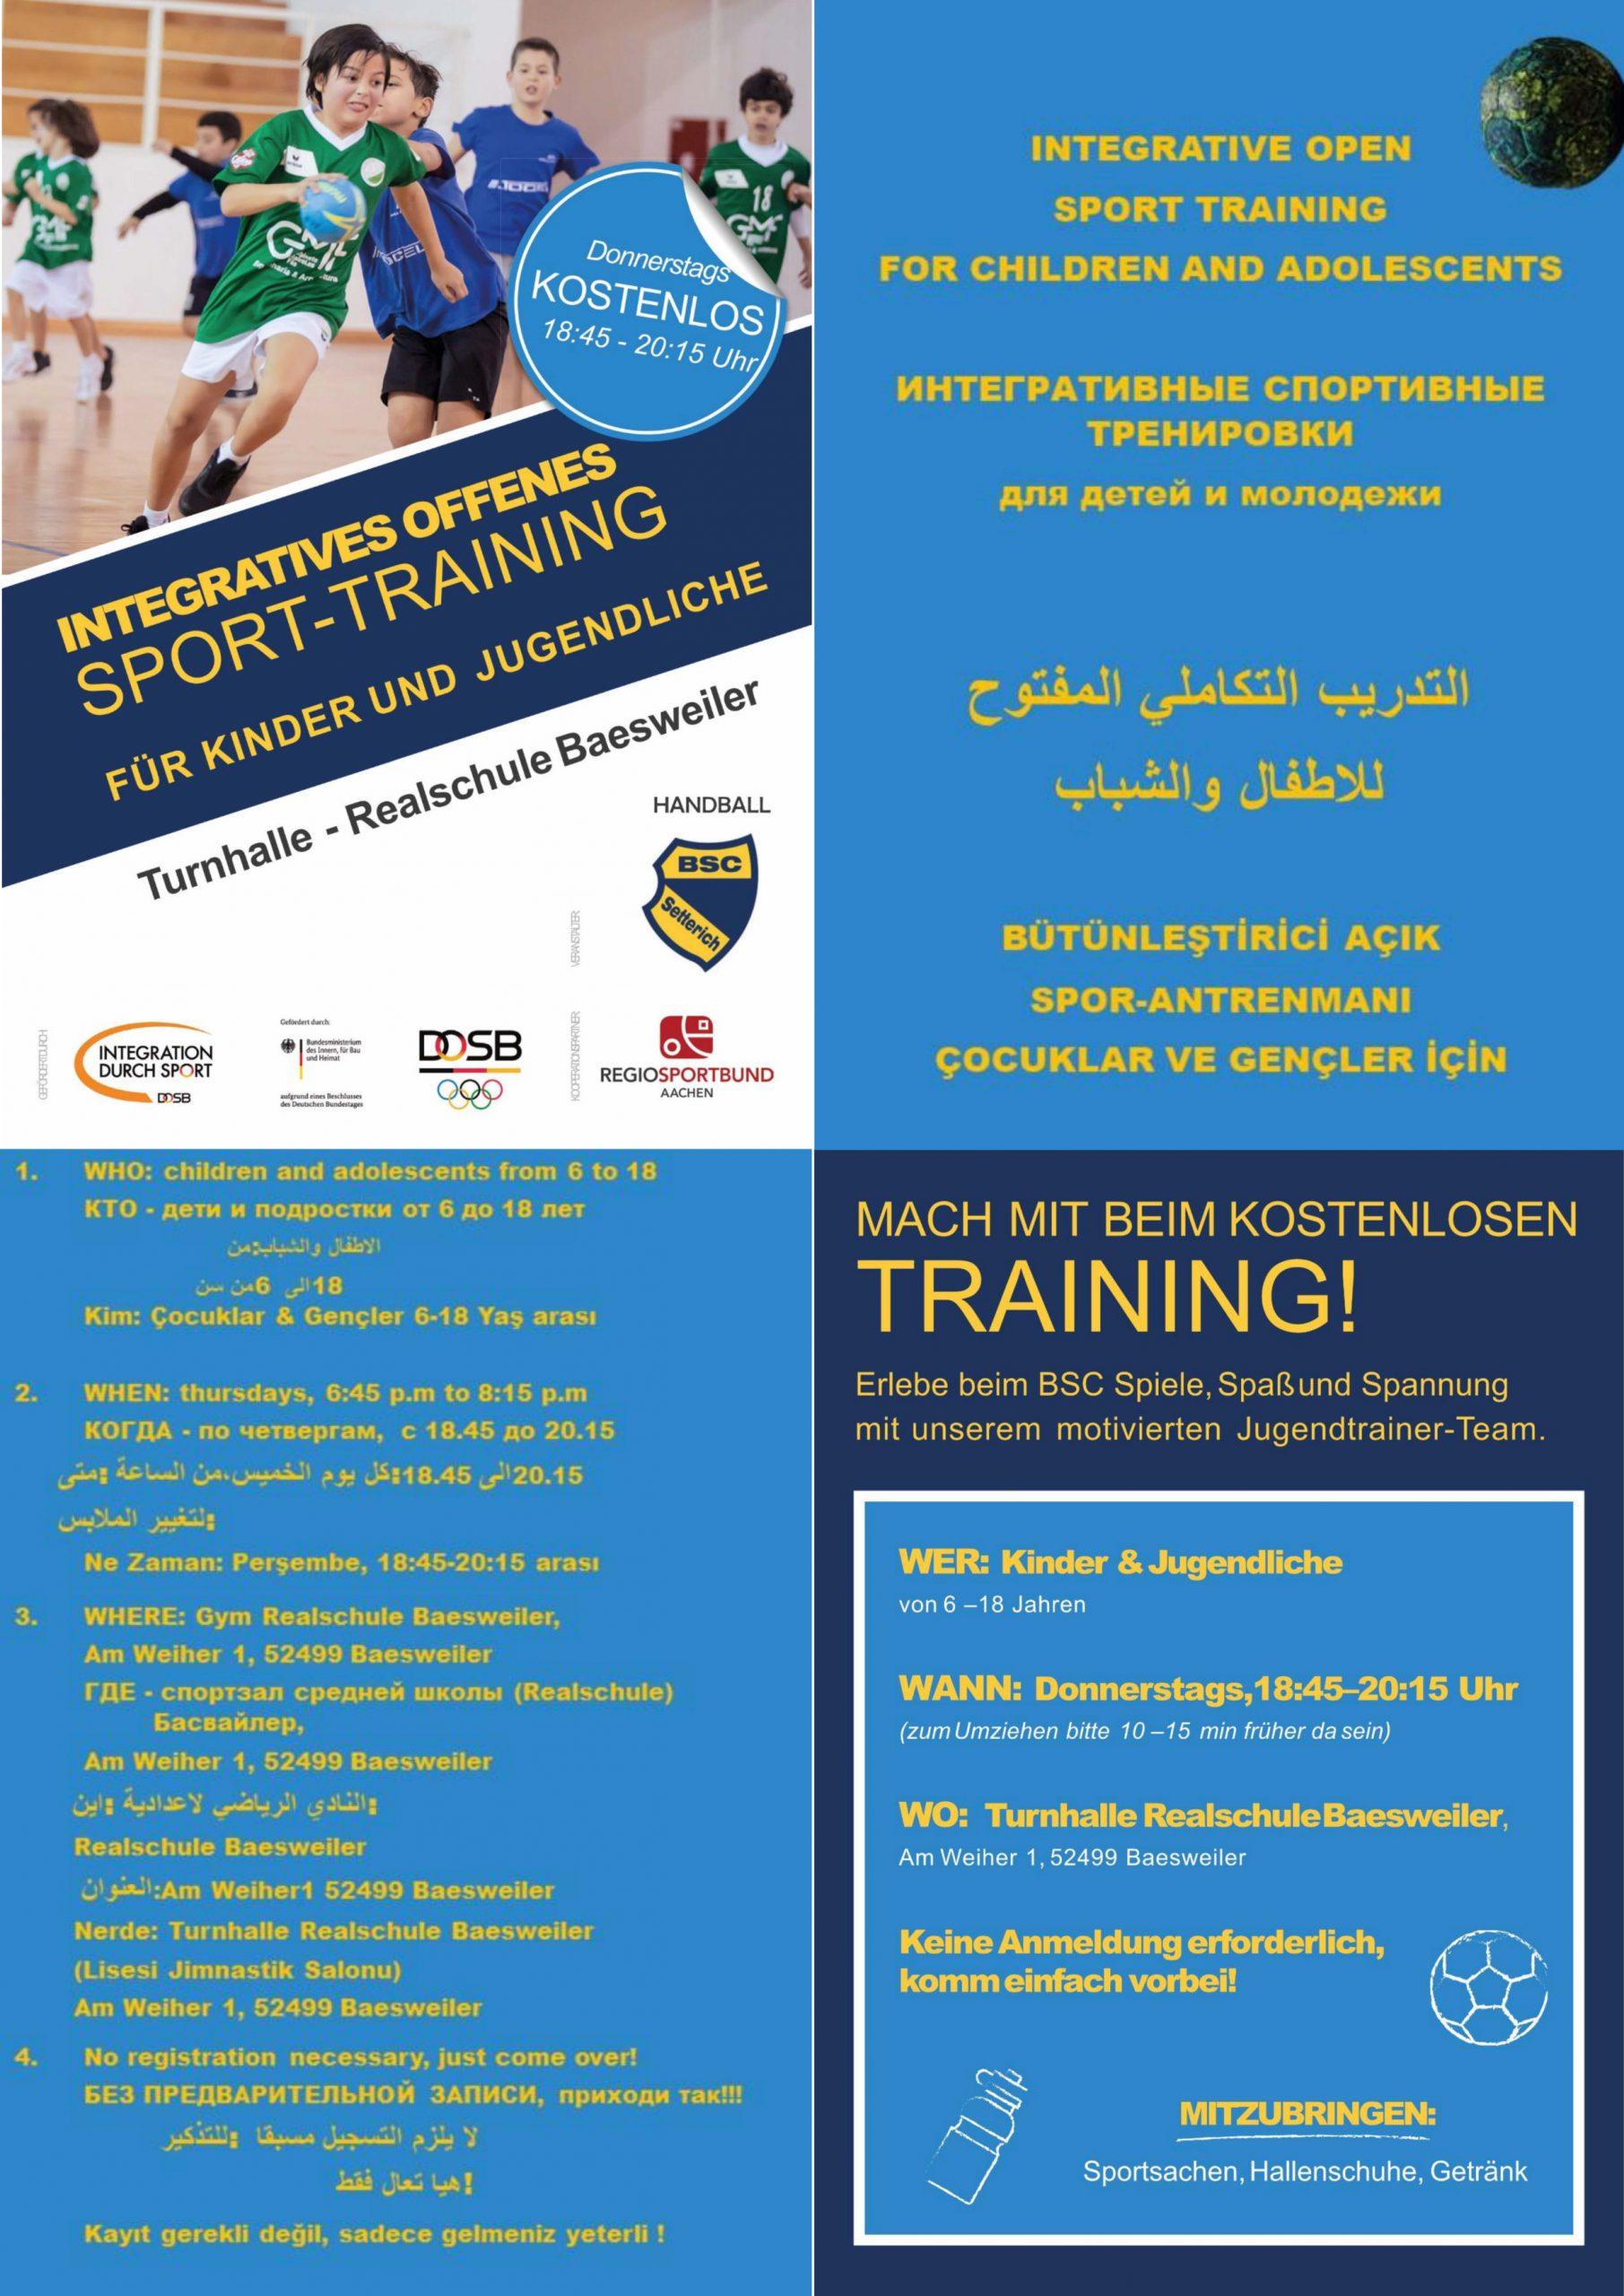 Integratives offenes Sport-Training